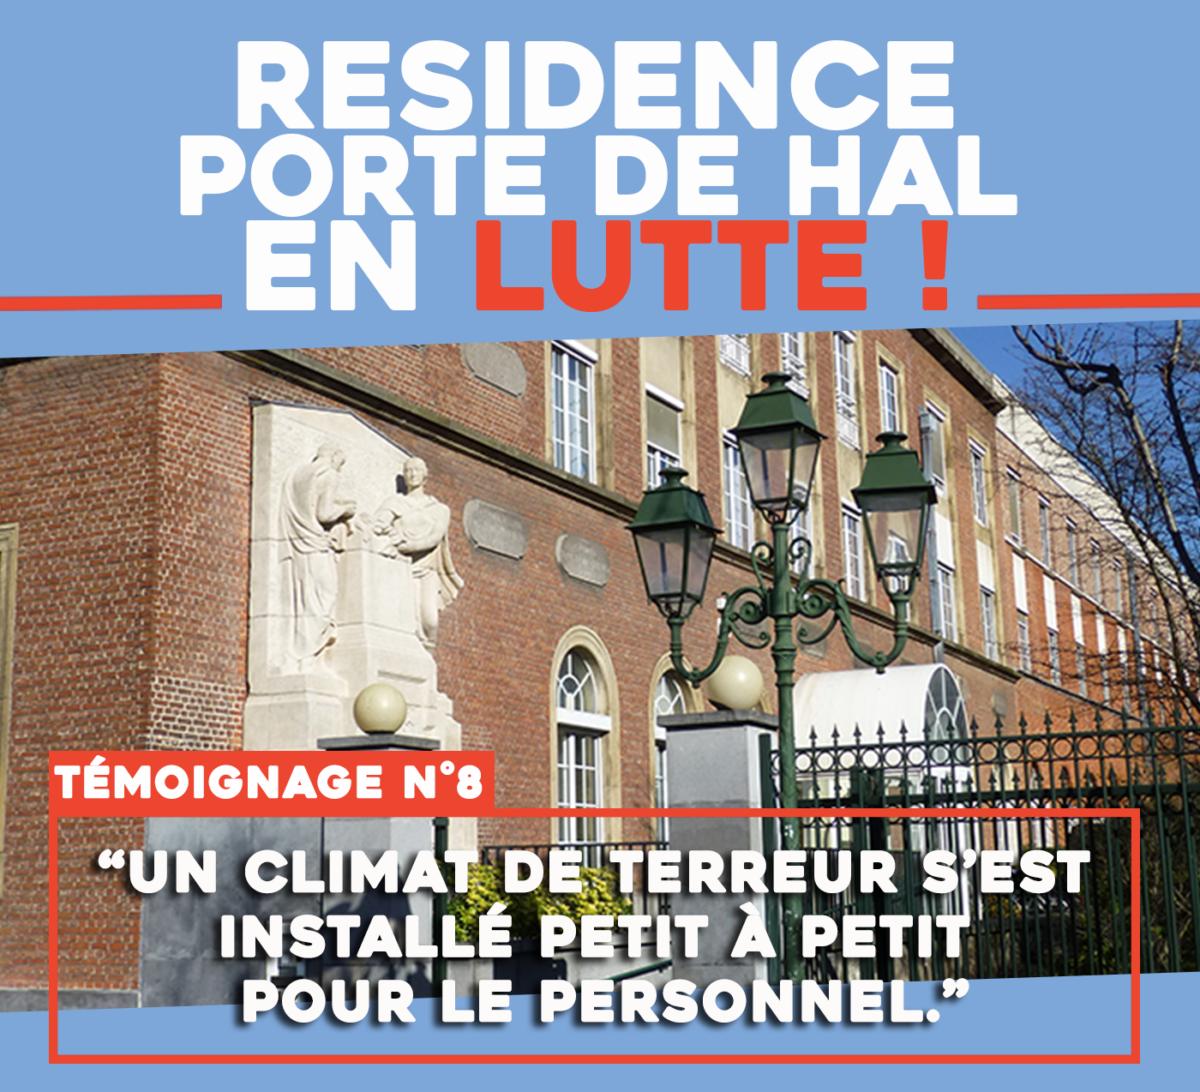 Résidence Porte de Hal en lutte : « Un climat de terreur s'est installé petit à petit pour le personnel ! »